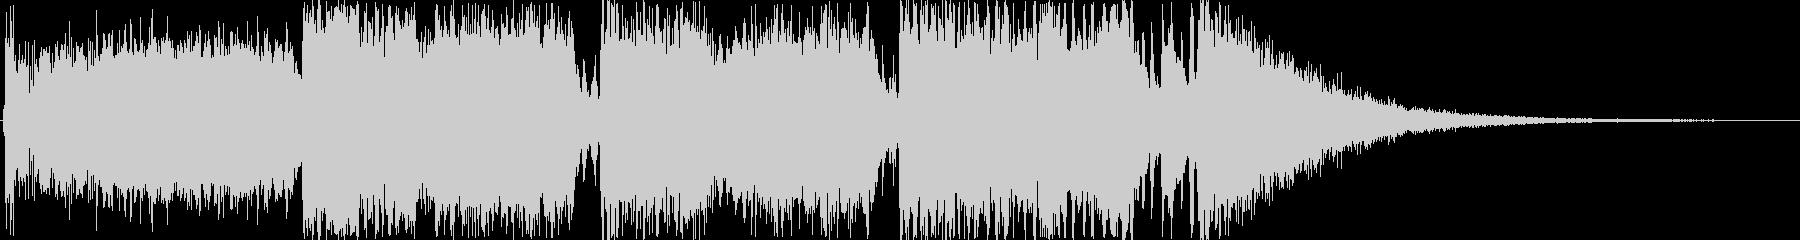 クイズのオープニング曲をイメージした作品の未再生の波形